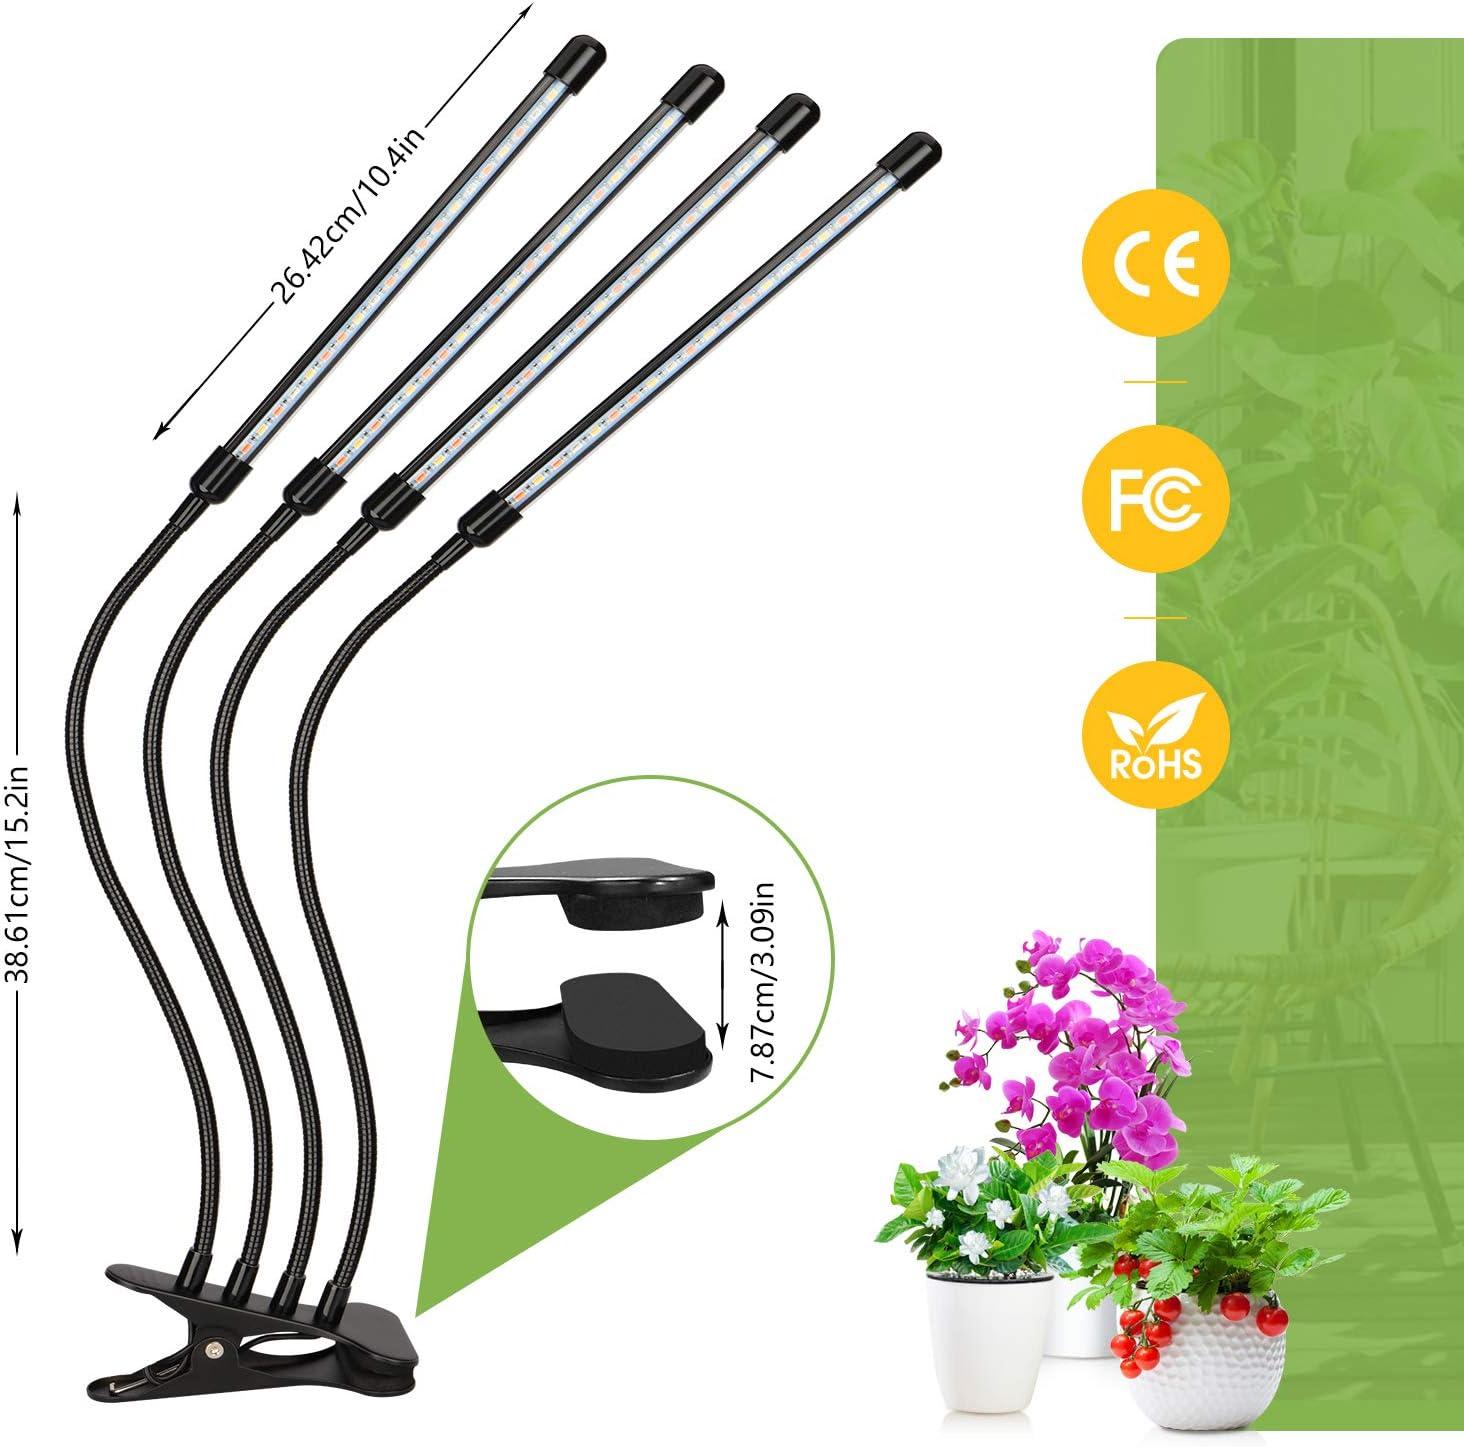 9H ON//OFF 3H 12H 80W Lampe Horticole 4 T/êtes Grow Light /à 360/° /Éclairage Horticole 10 Luminosit/és 3 Modes Lampe Plante Spectre Complet Avec Chronom/étrage AUTO